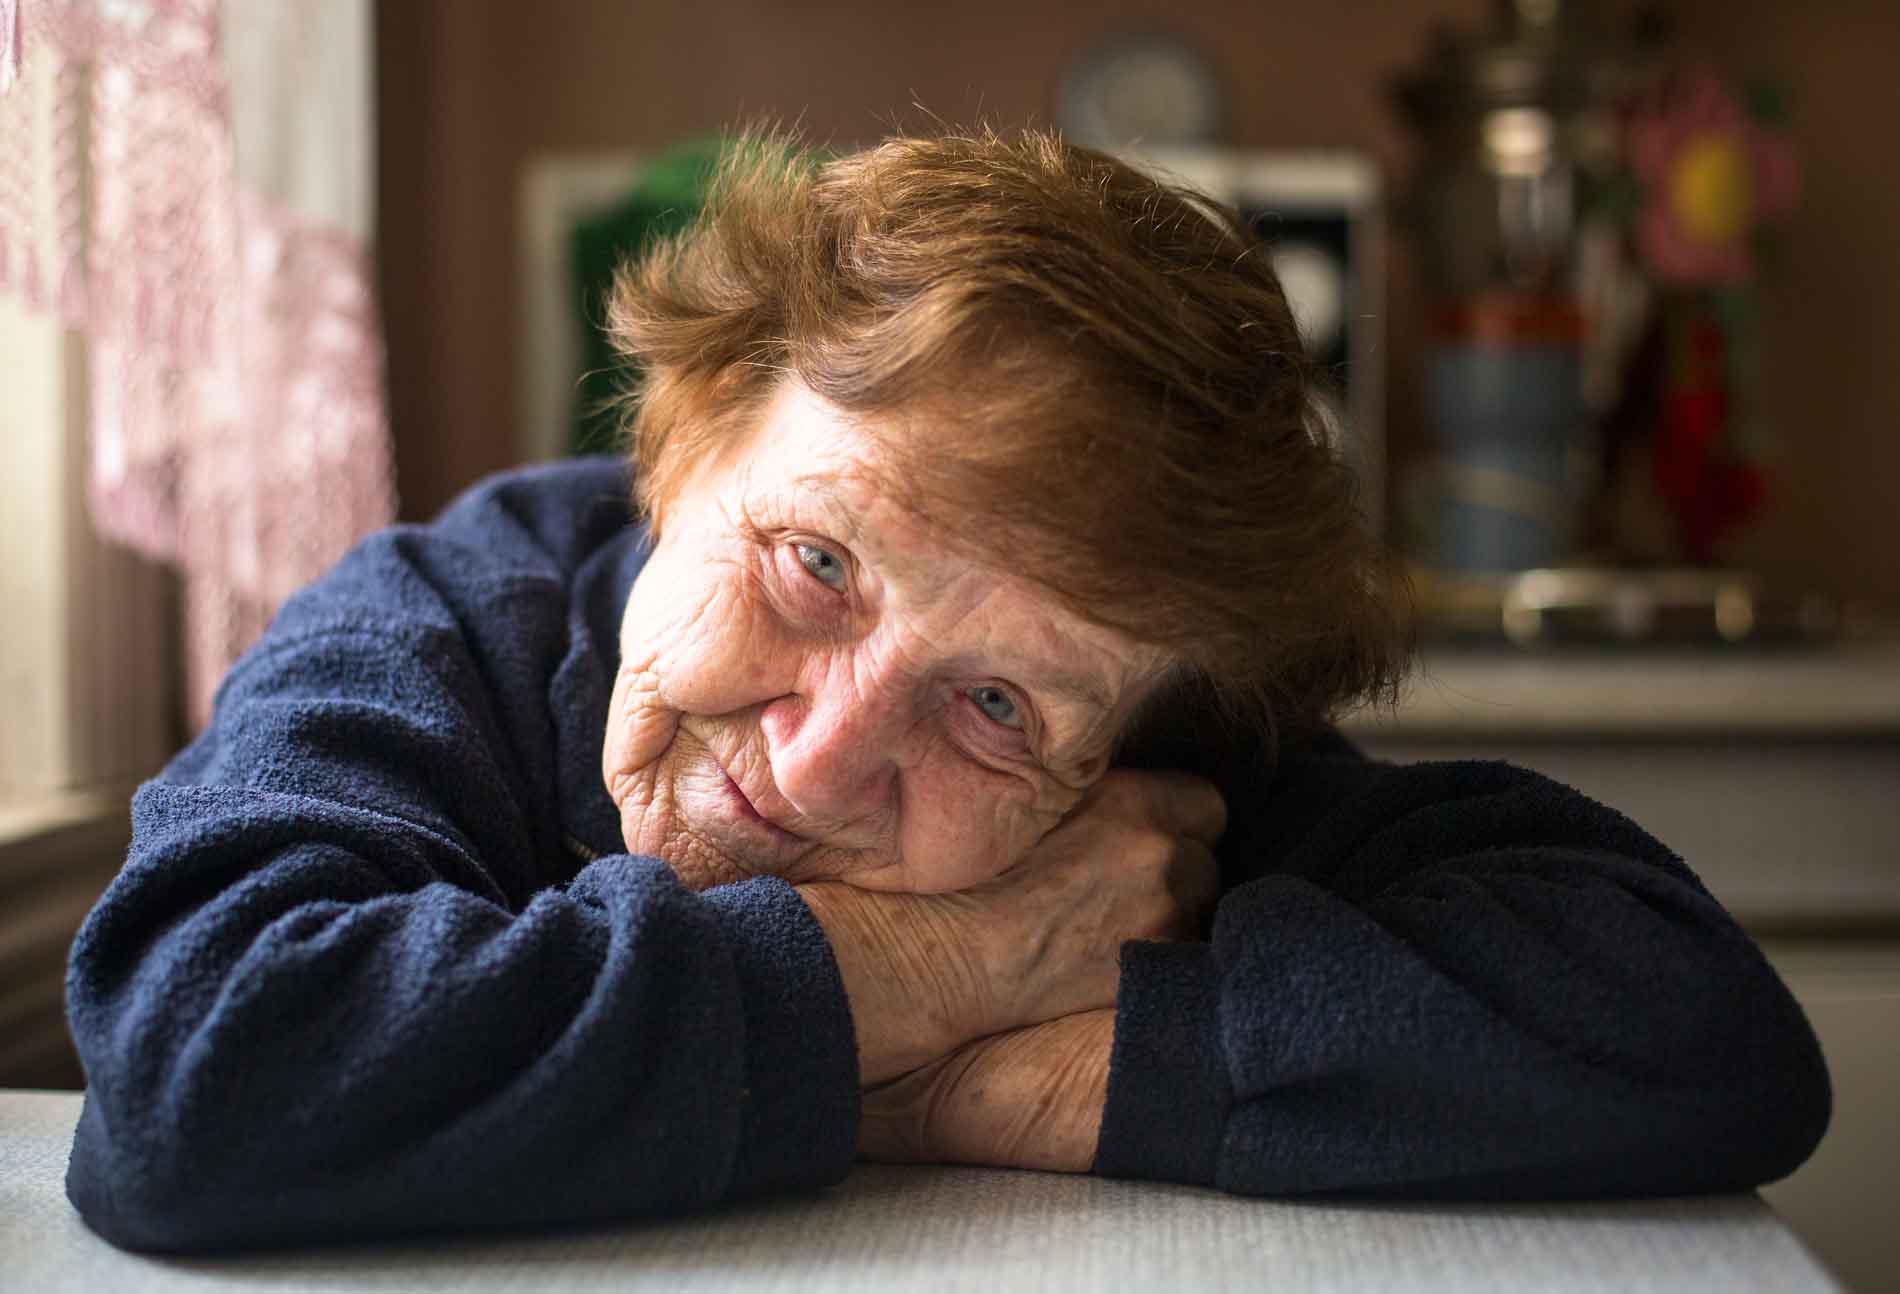 Ancianos abandonados por sus familiares en algún centro. La falta de Valores actual